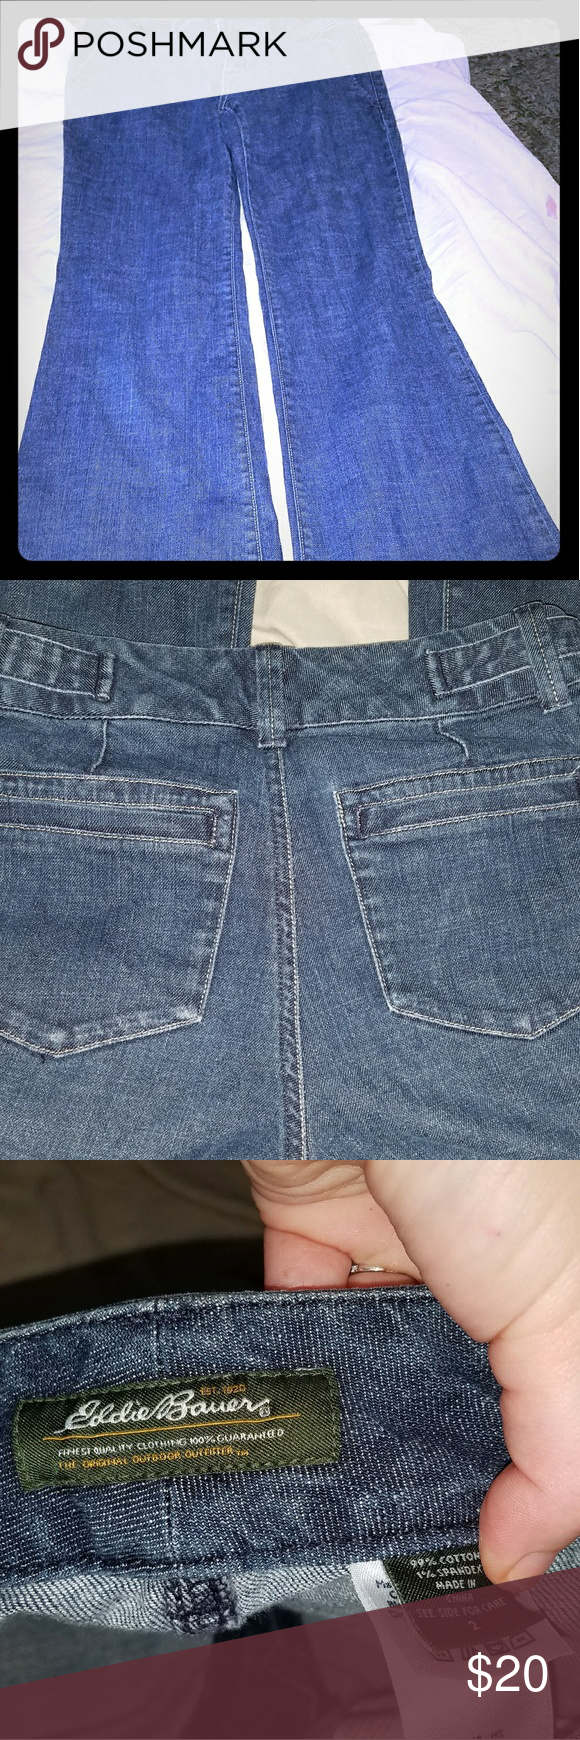 Eddie Bauer Jeans Eddie bauer, Flare jeans, Women shopping